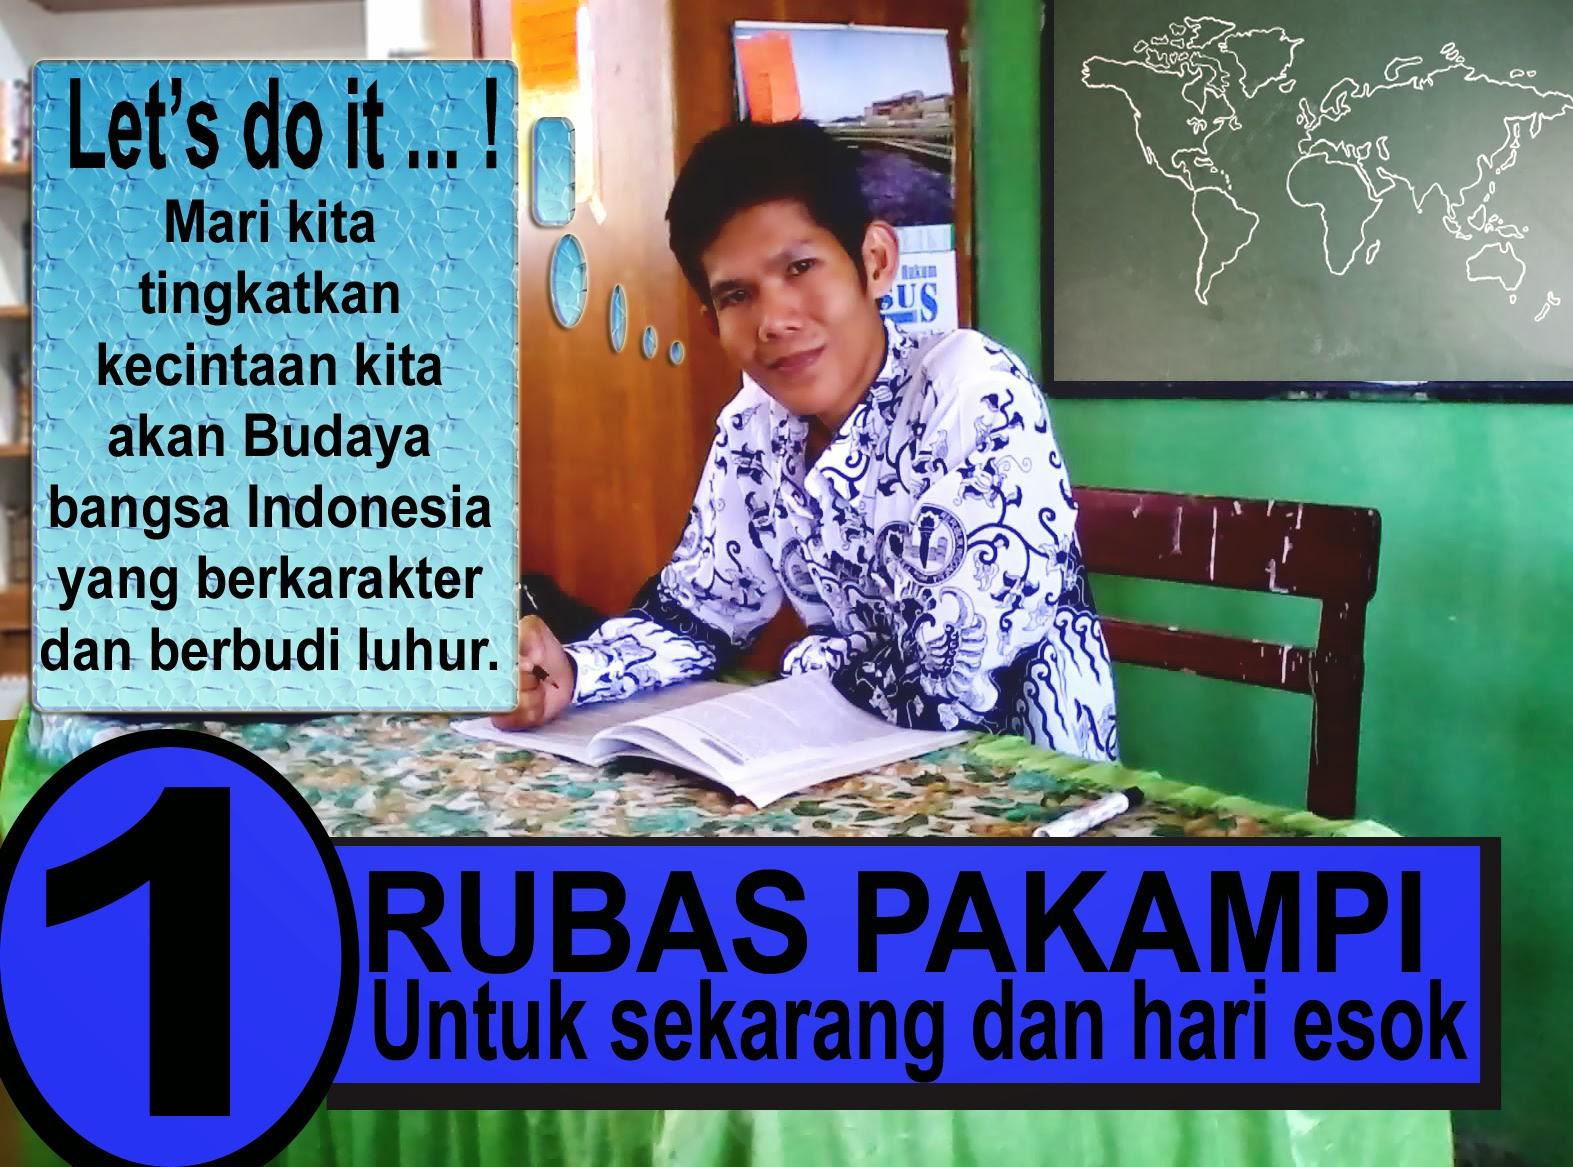 Http Www Rubas Pakkampi Com Desember 2013